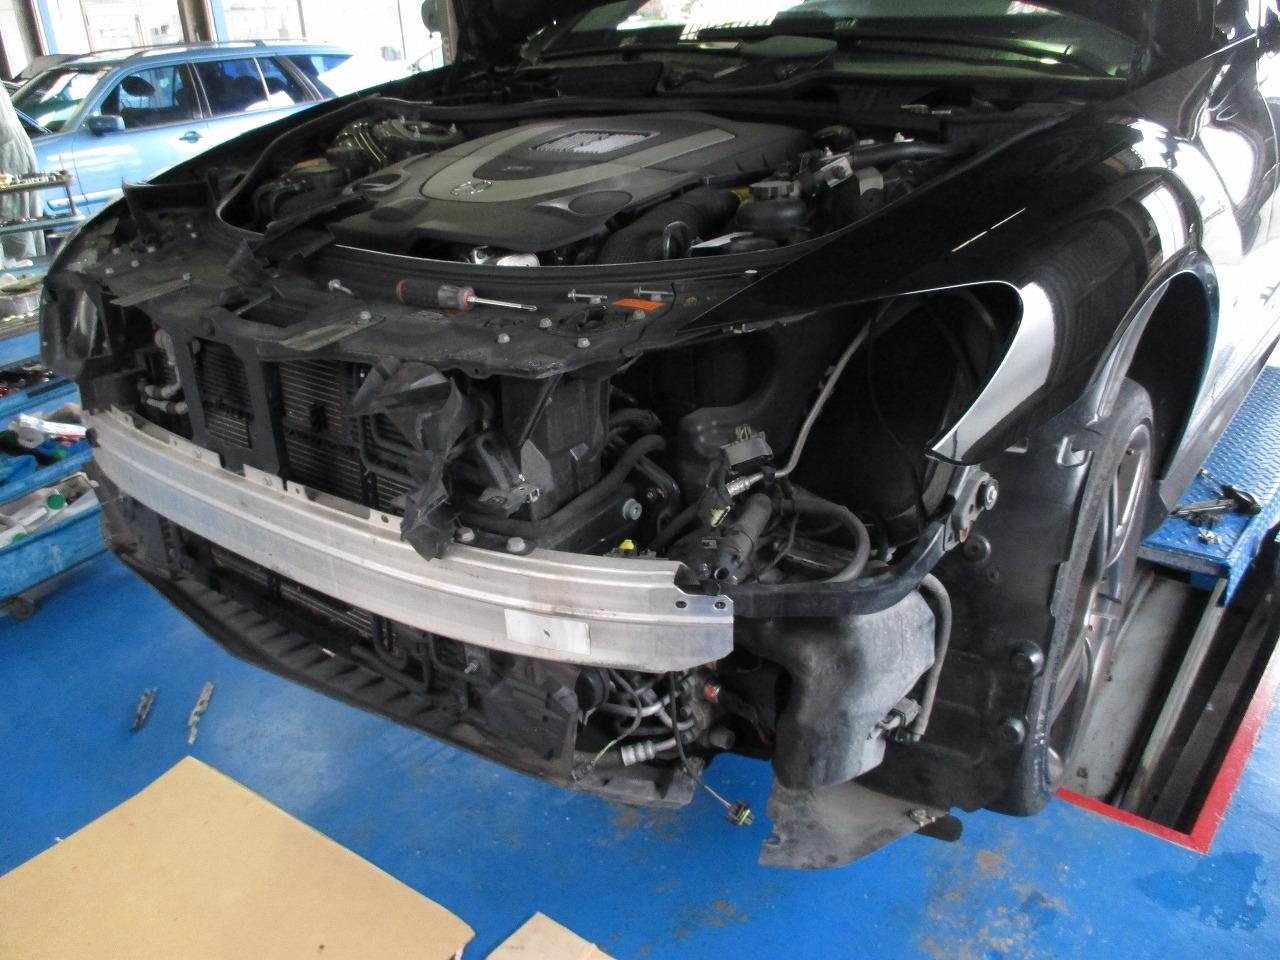 フェラーリF458スパイダー ナビ出張取外・マーチ F/Rスピーカー取付・CL63 ヘッドライト修理 - 各種修理 ...